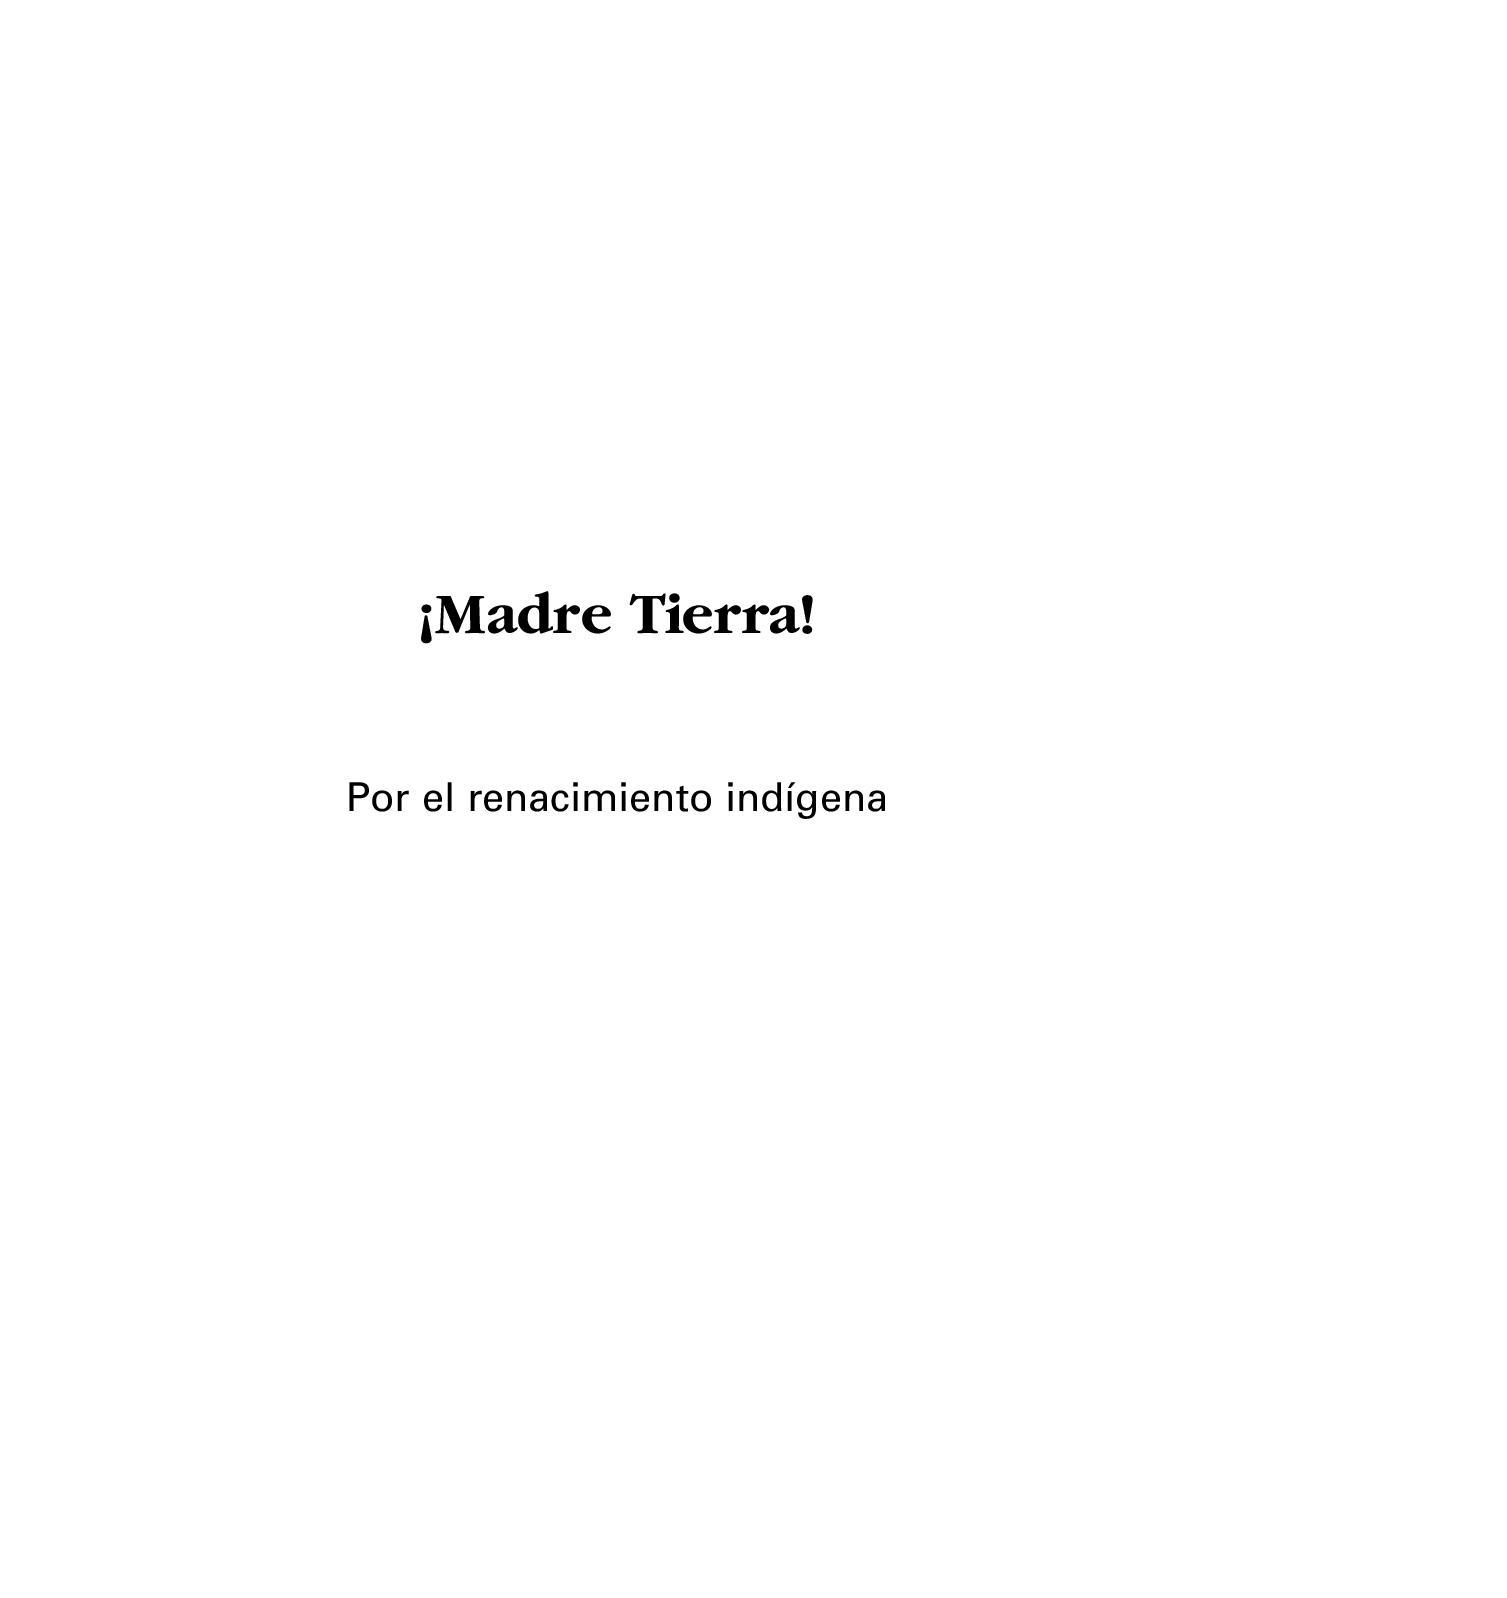 Calaméo Madre El TierraPor Renacimiento Indígena 3j4RLqA5